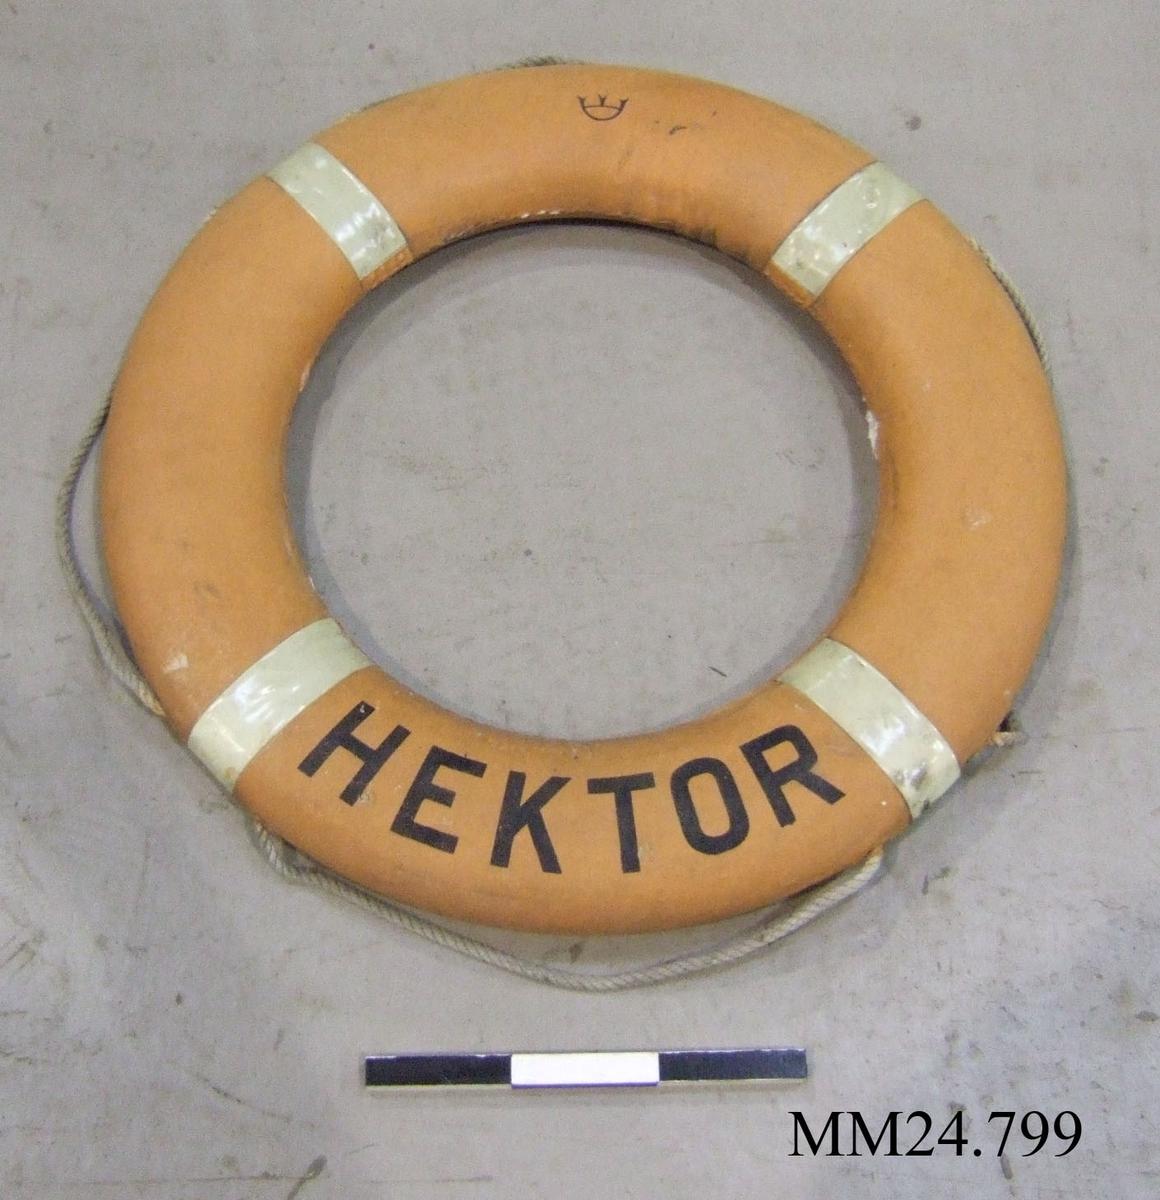 Cirkulär orange frälsarkrans med fyra vita band som fäster det snöre som löper runt kransen. Längst ner på framsidan texten HEKTOR. På baksidan tryck ULVEX Oljebest - Svårantändlig Armerad - Omagnetisk Kungl Sjöfartsstyrelsen 11/388 A/69.